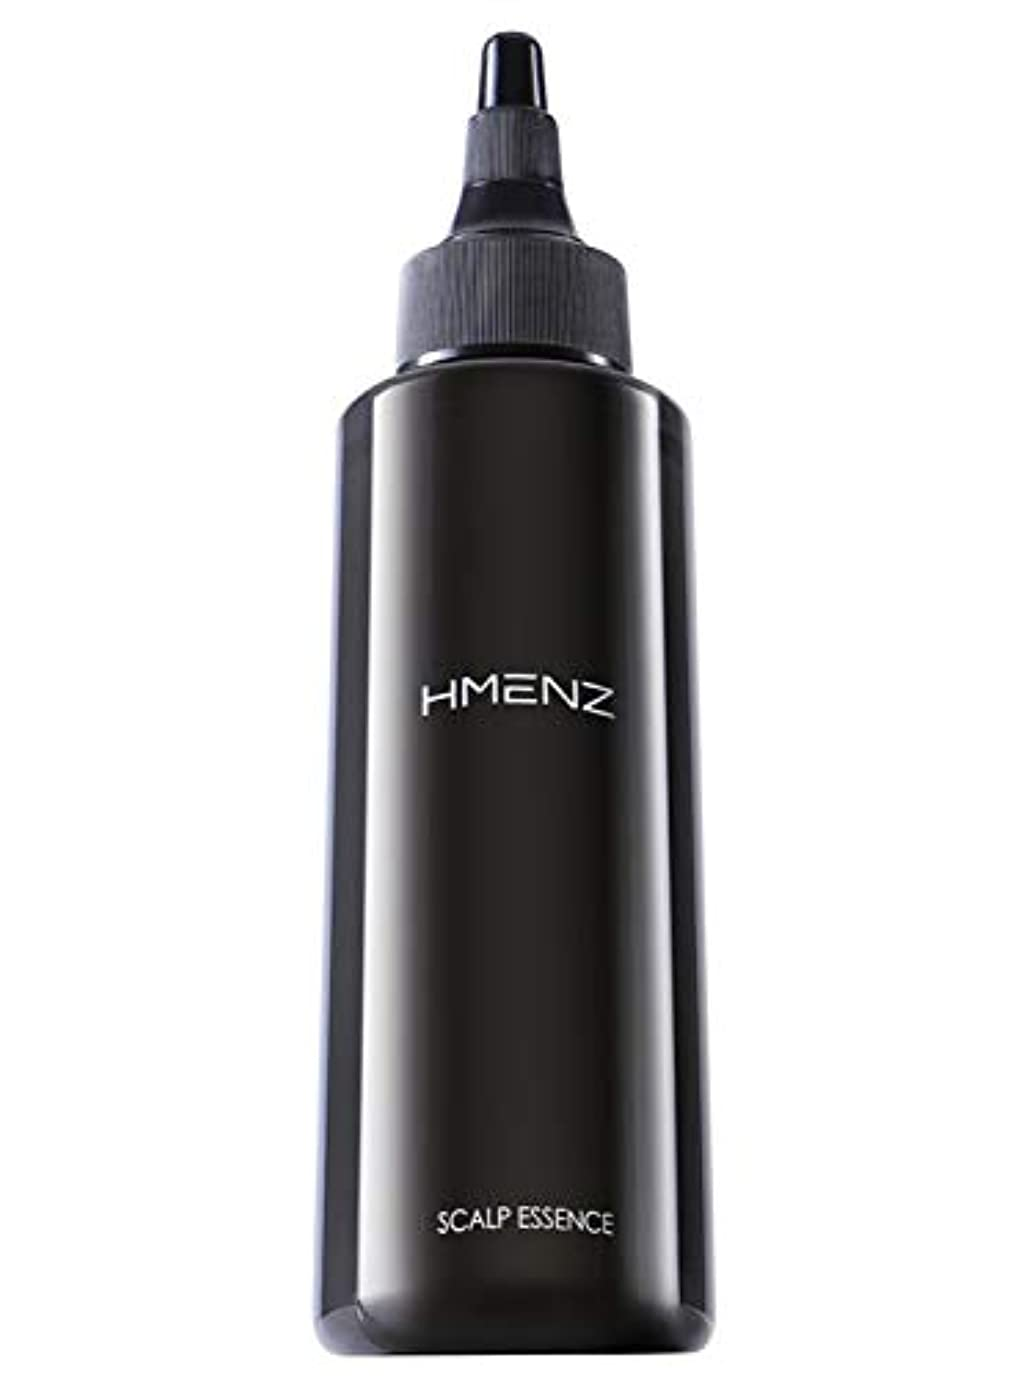 道栄養訪問医薬部外品 HMENZ メンズ 育毛剤 スカルプエッセンス 毛髪エイジングケアシリーズ 和漢根 海藻配合 育毛トニック 120ml